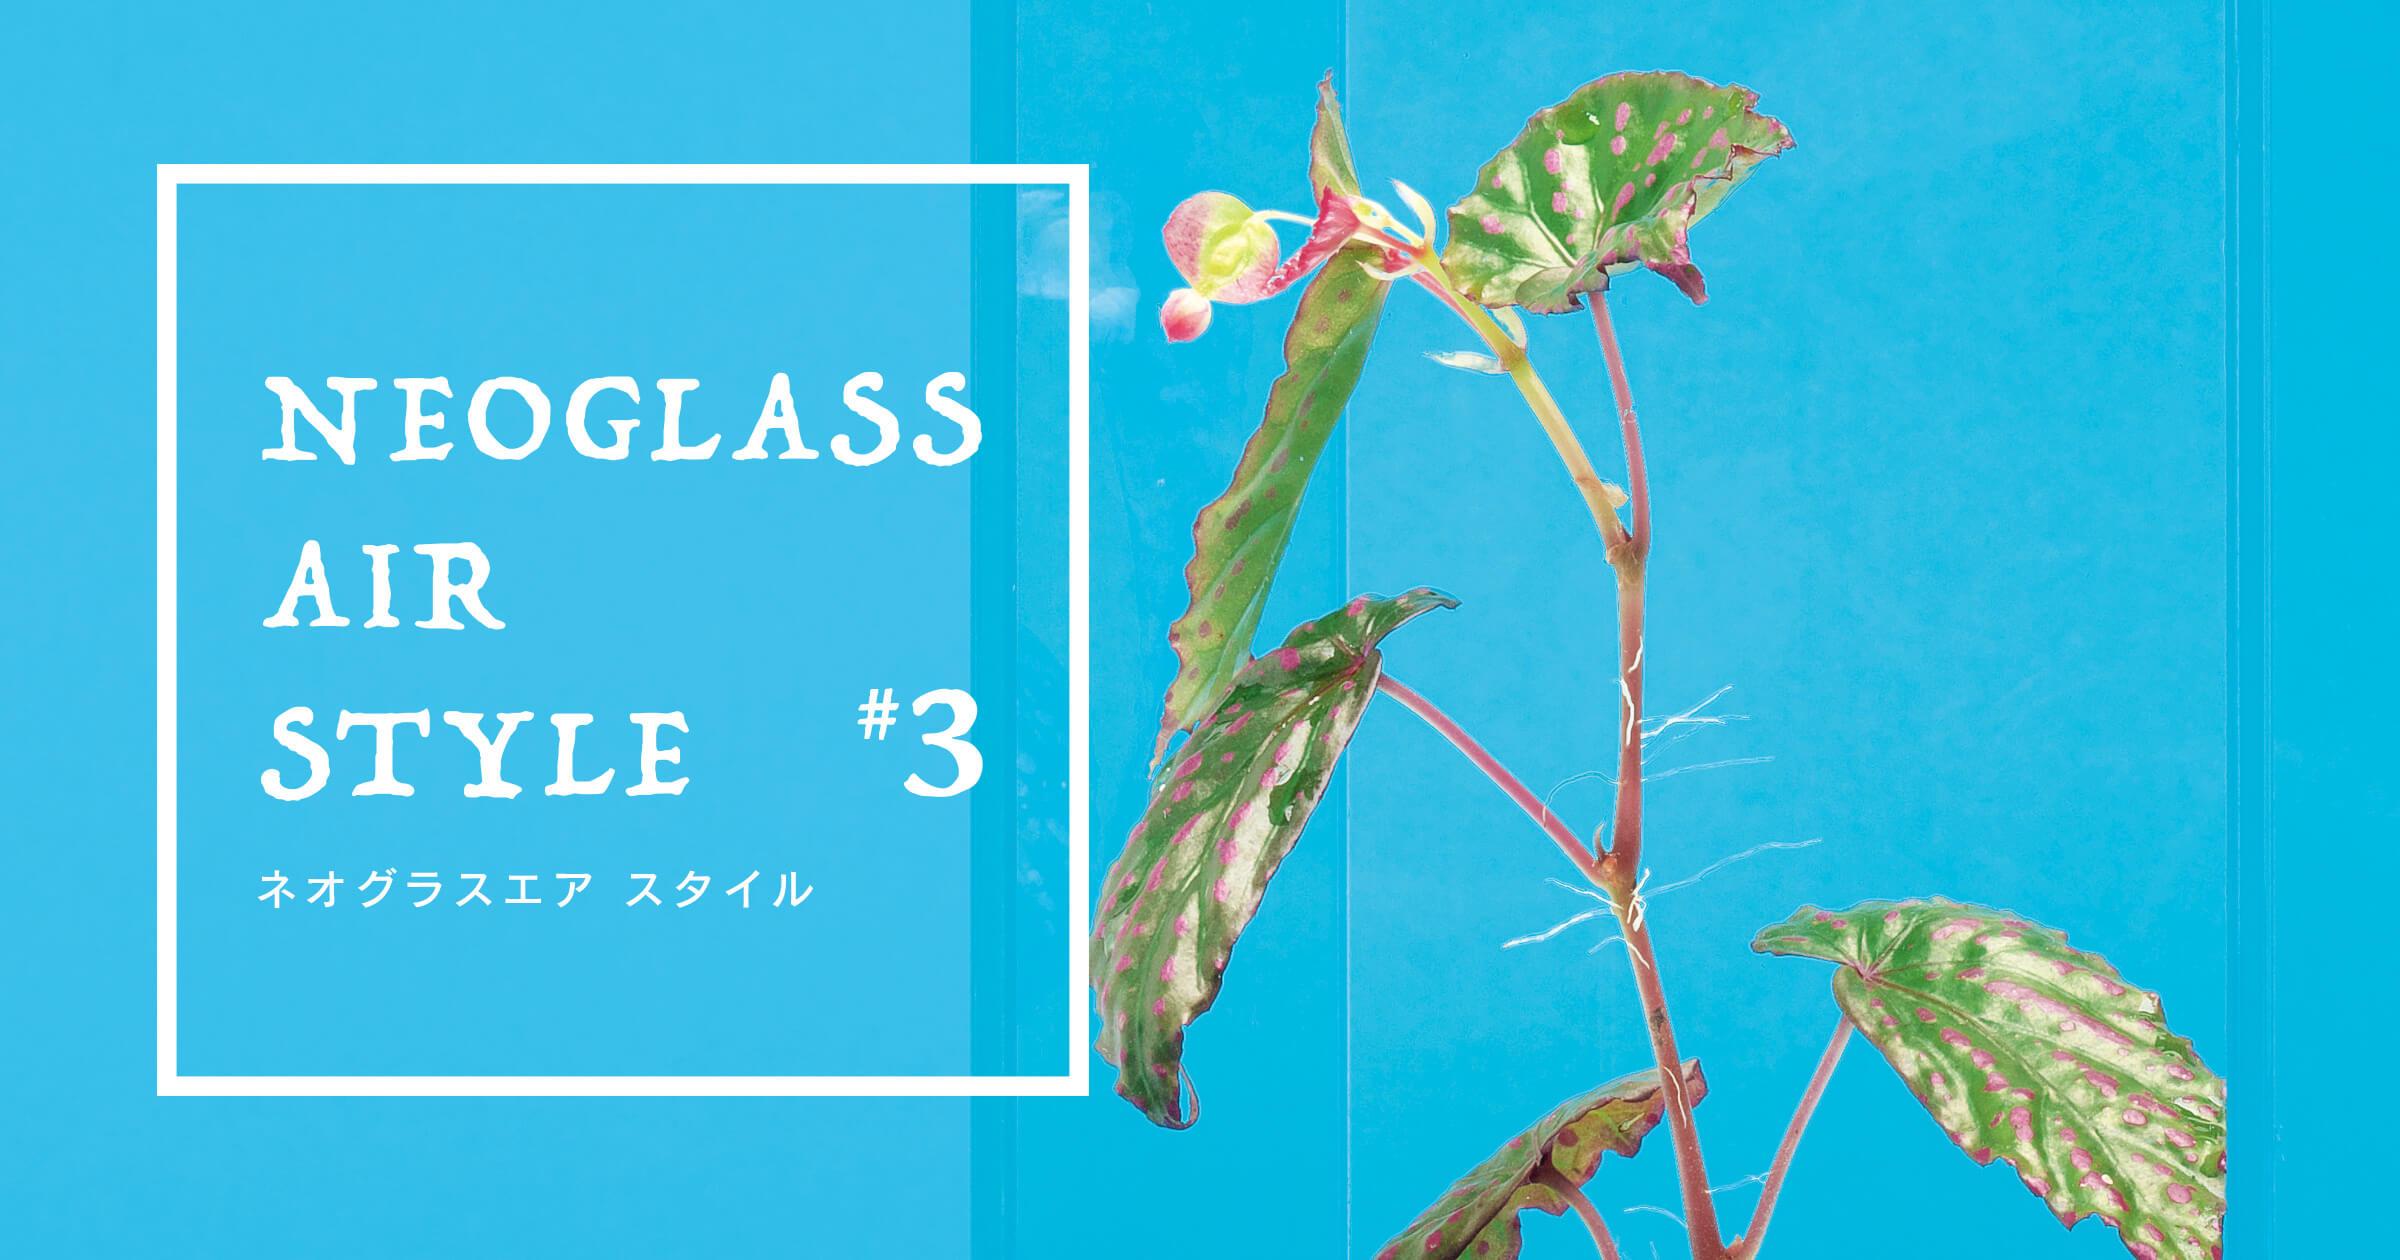 ネオグラスエア スタイル #03「人と植物、それぞれの 生活空間をシームレスにつなぐ」